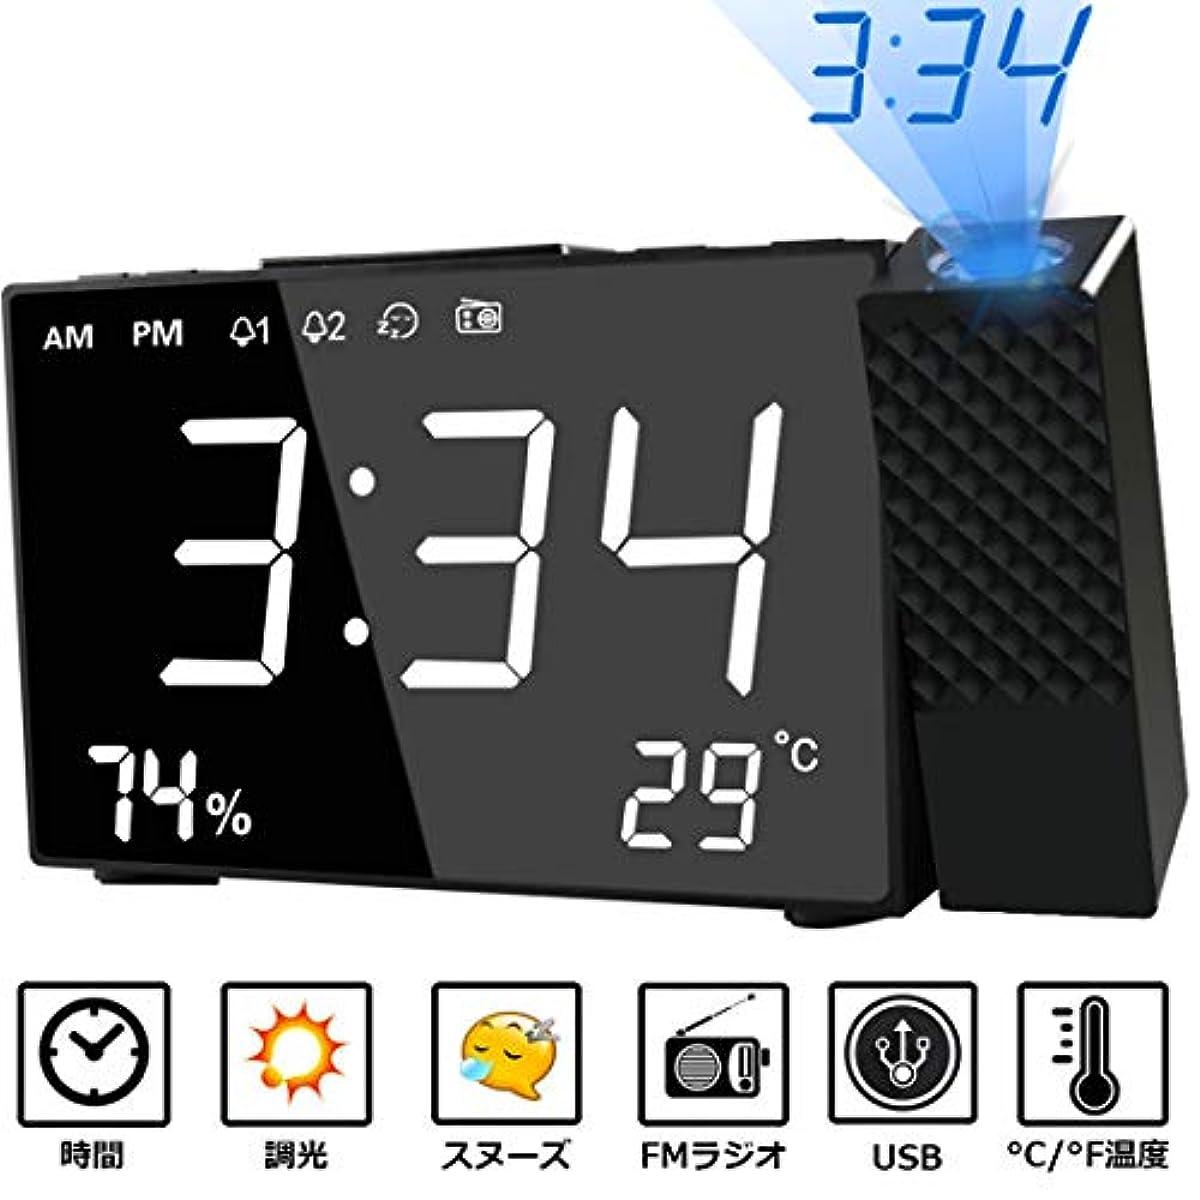 [해외] 자명종 HQQNUO 탁상시계 투영 시계 FM라디오 부착 디지탈 시계 대음량 투영180°조정 가능 20 개FM메모리 가능온 습도 표범시 휴대 충전 가능